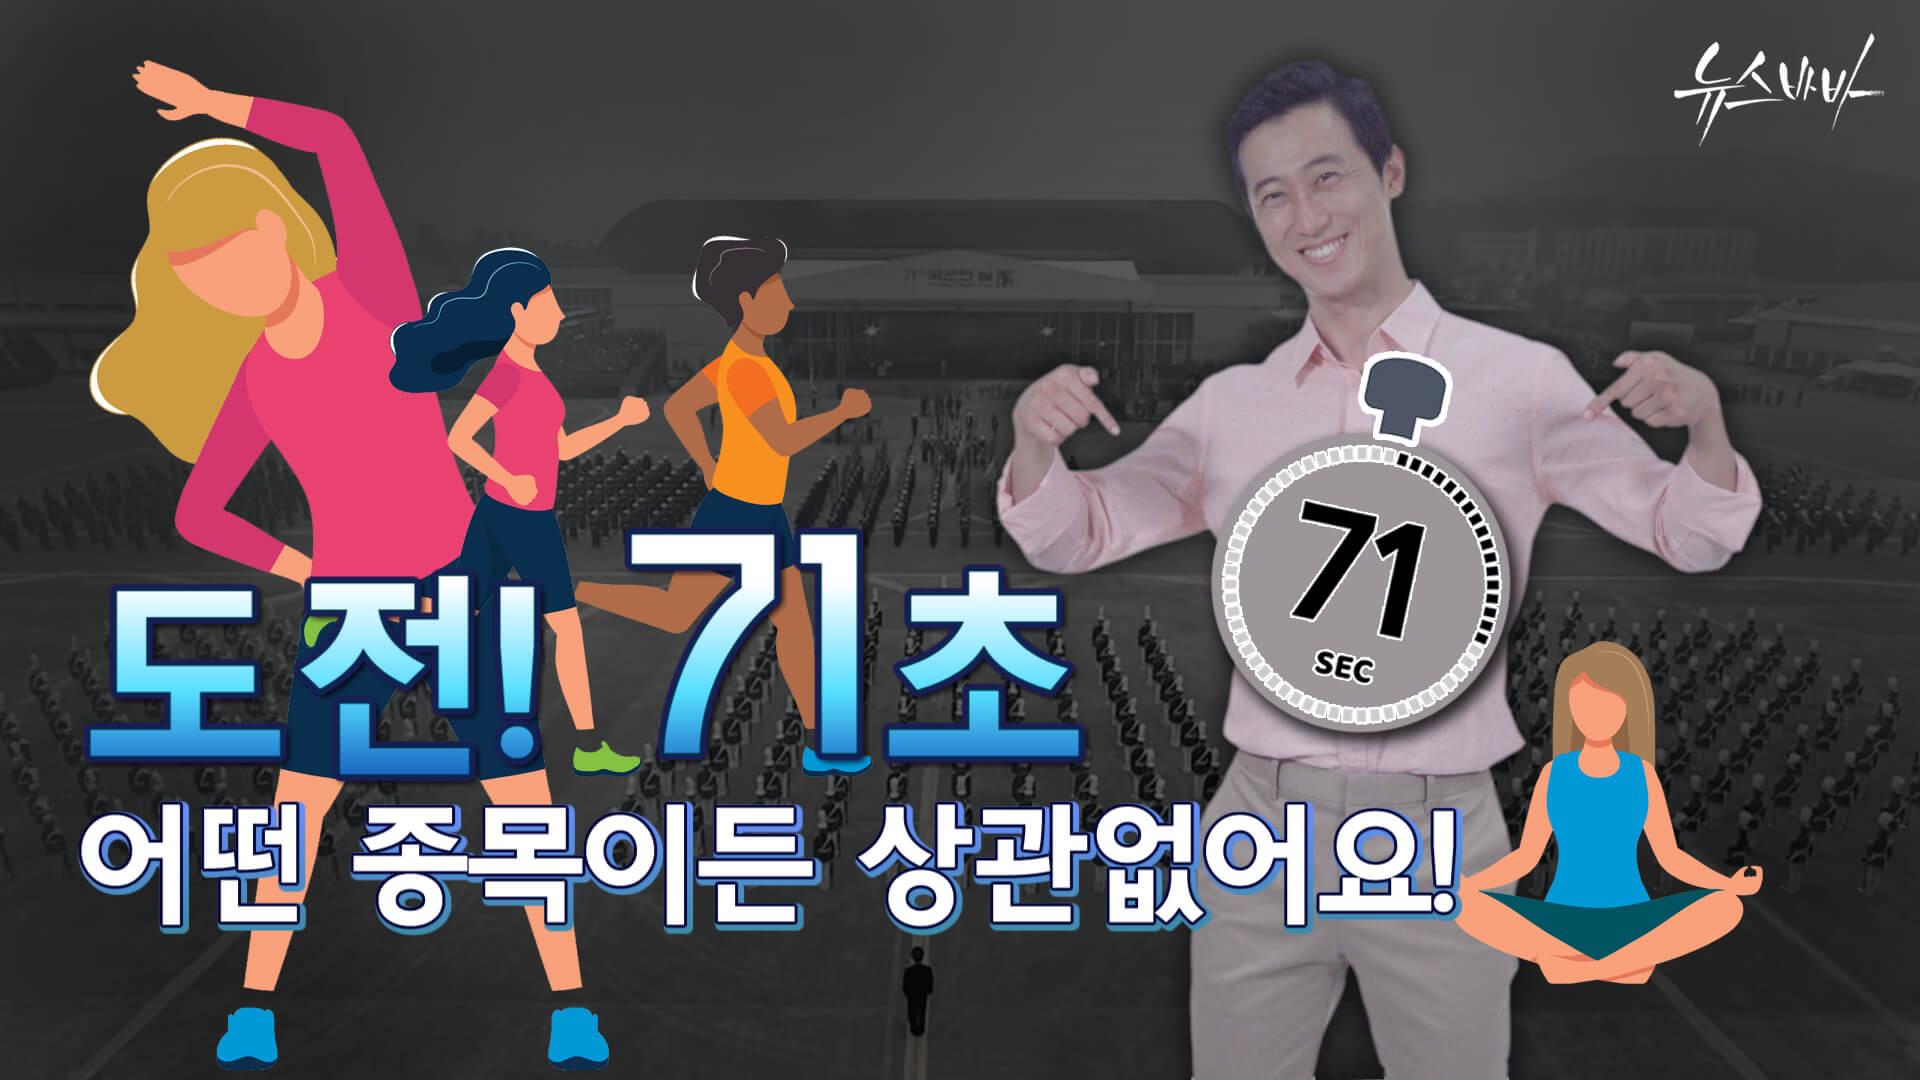 [뉴스바바]장관도 한다는 도전!